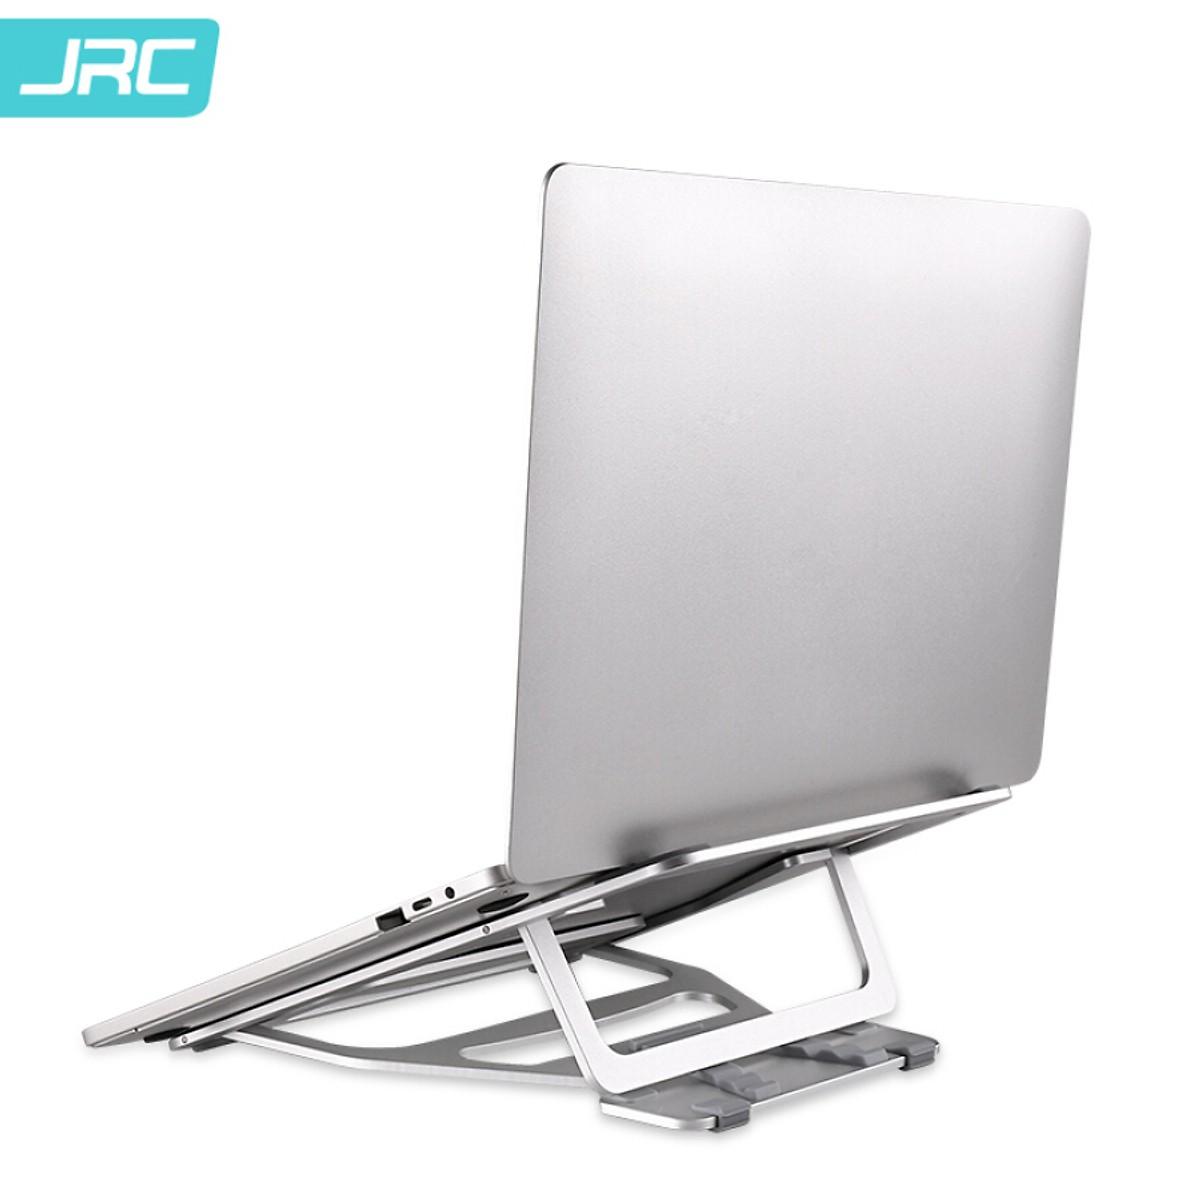 Giá đỡ nhôm cao cấp hỗ trợ tản nhiệt cho Laptop/Macbook, có thể điều chỉnh độ cao tùy ý - Hàng nhập khẩu